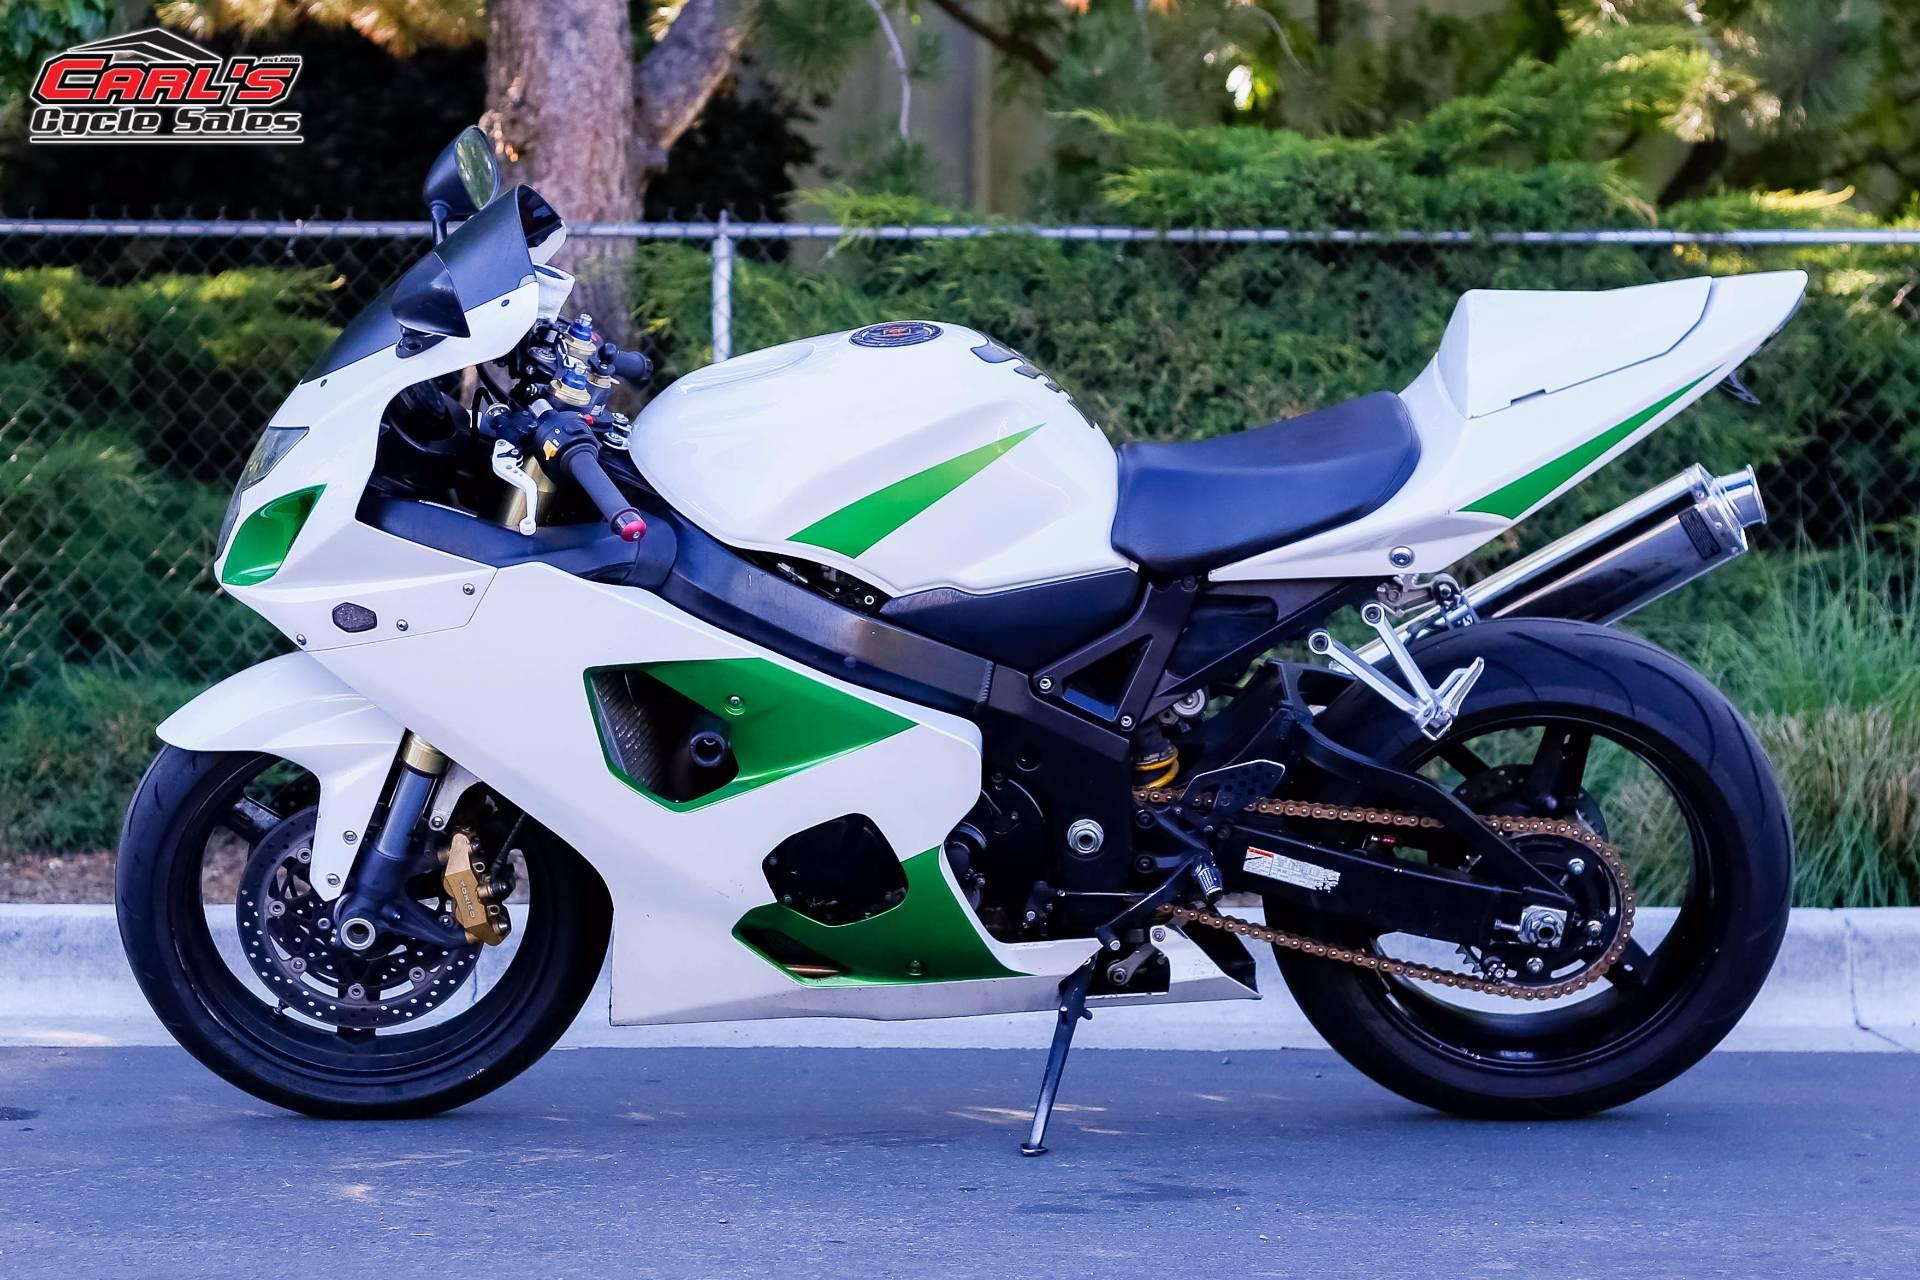 2004 GSX-R750